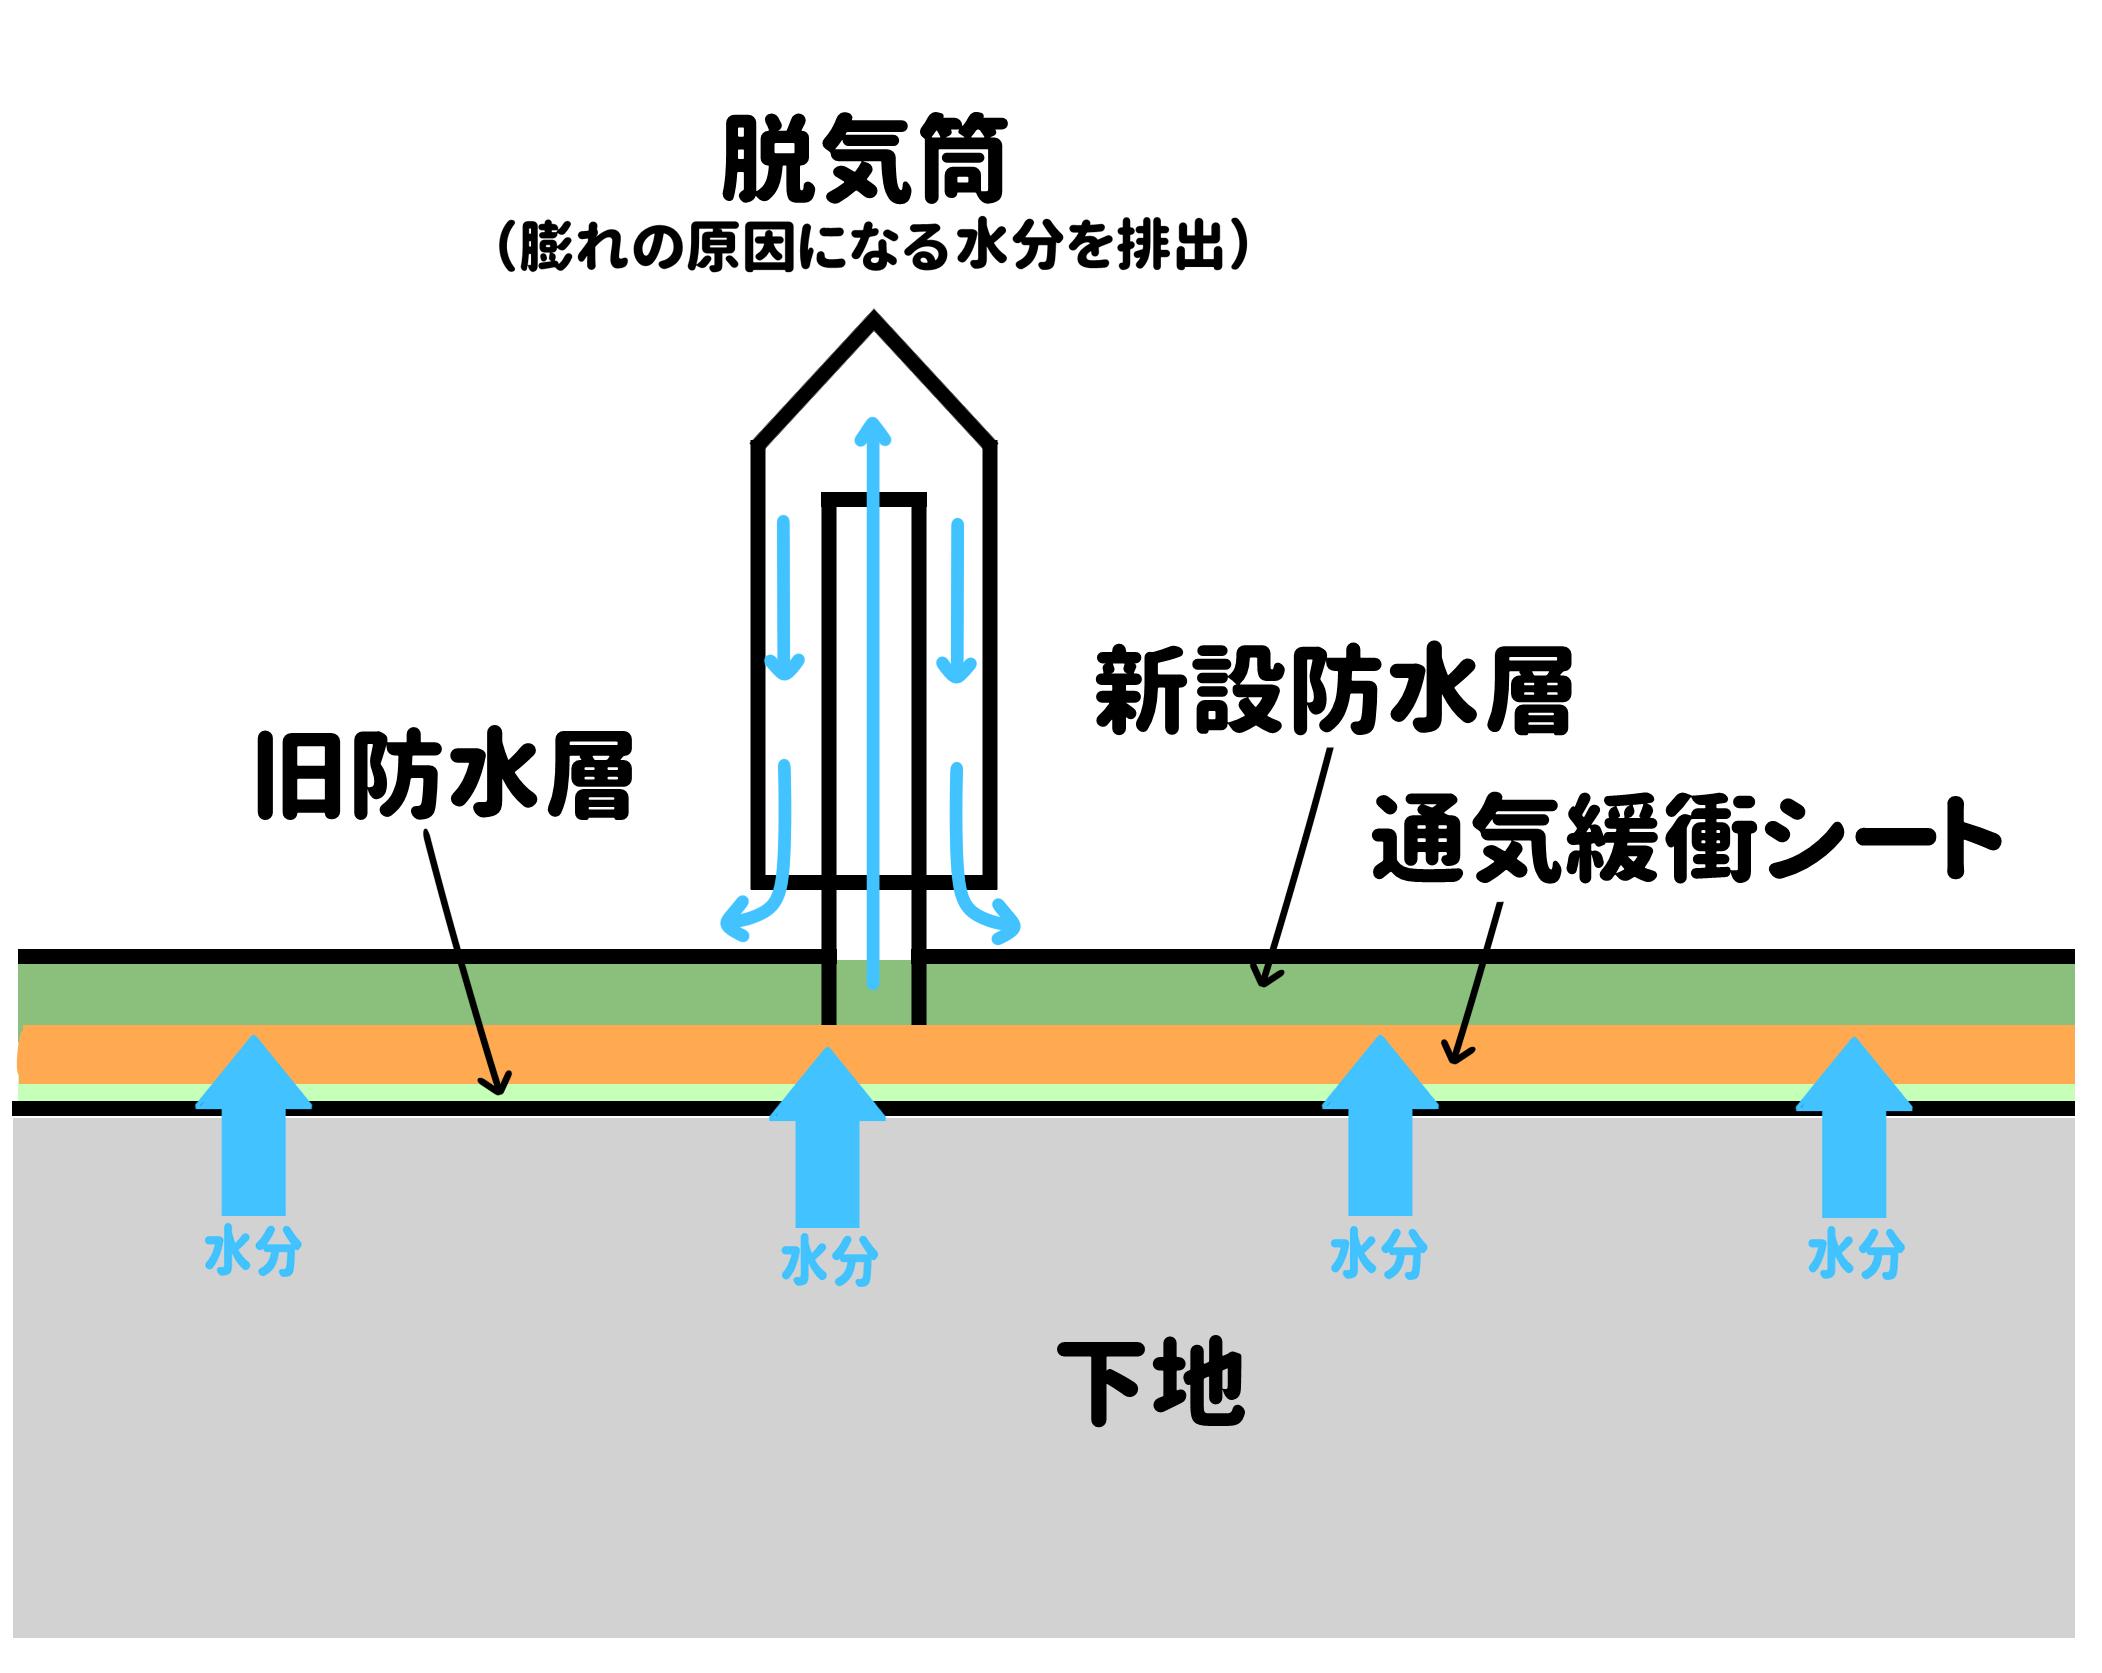 通気緩衝工法